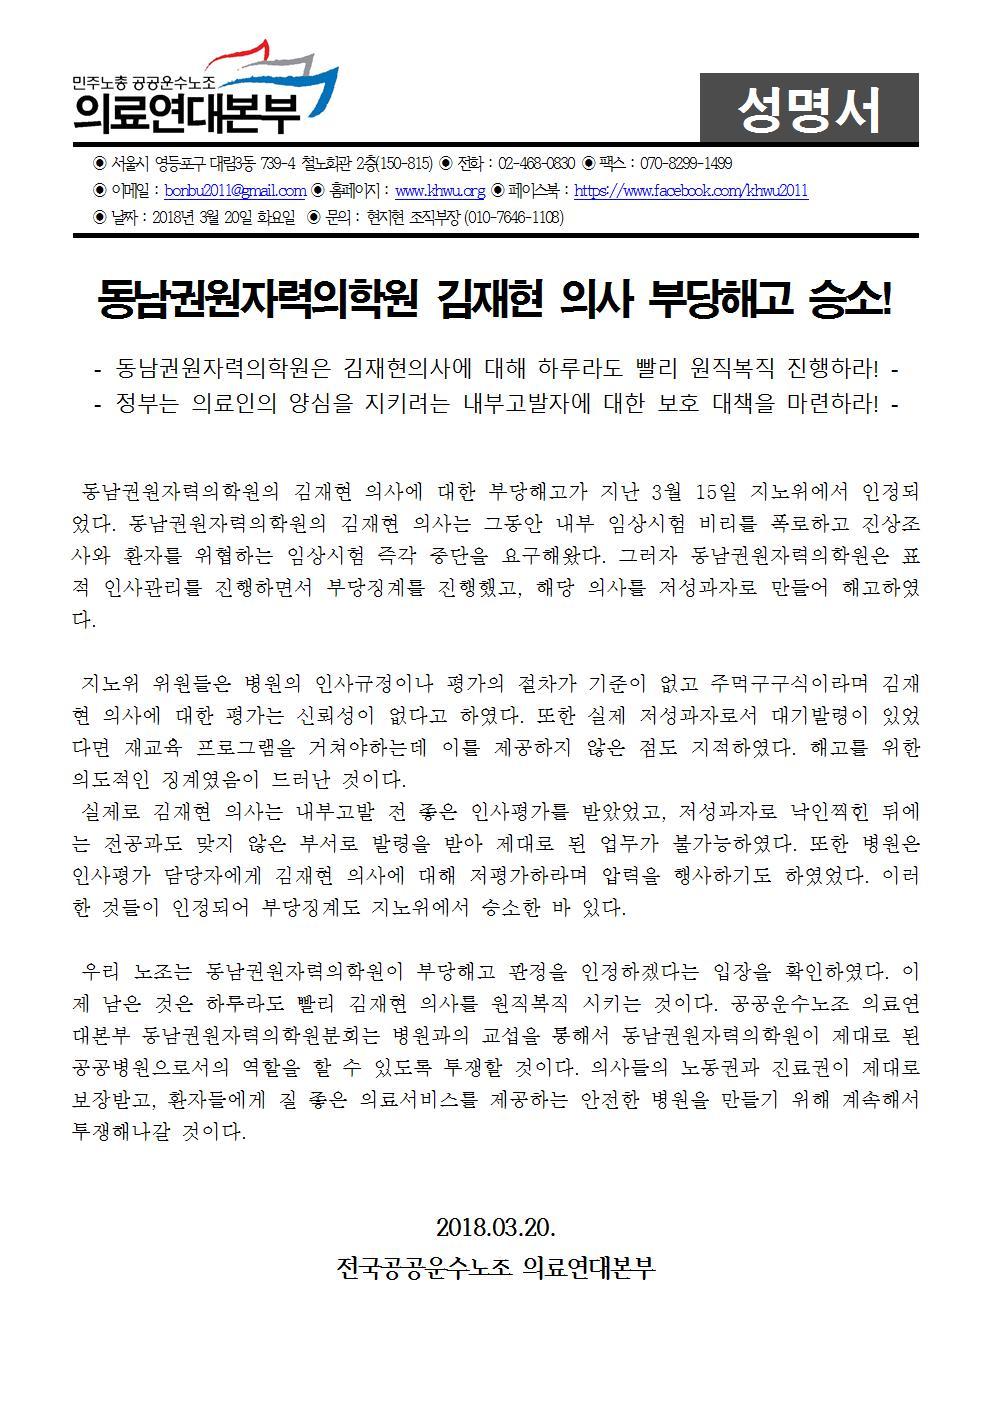 성명 보도자료 -  성명  동남권원자력의학원 김재현 의사 부당해고 승소! 3ae56024c